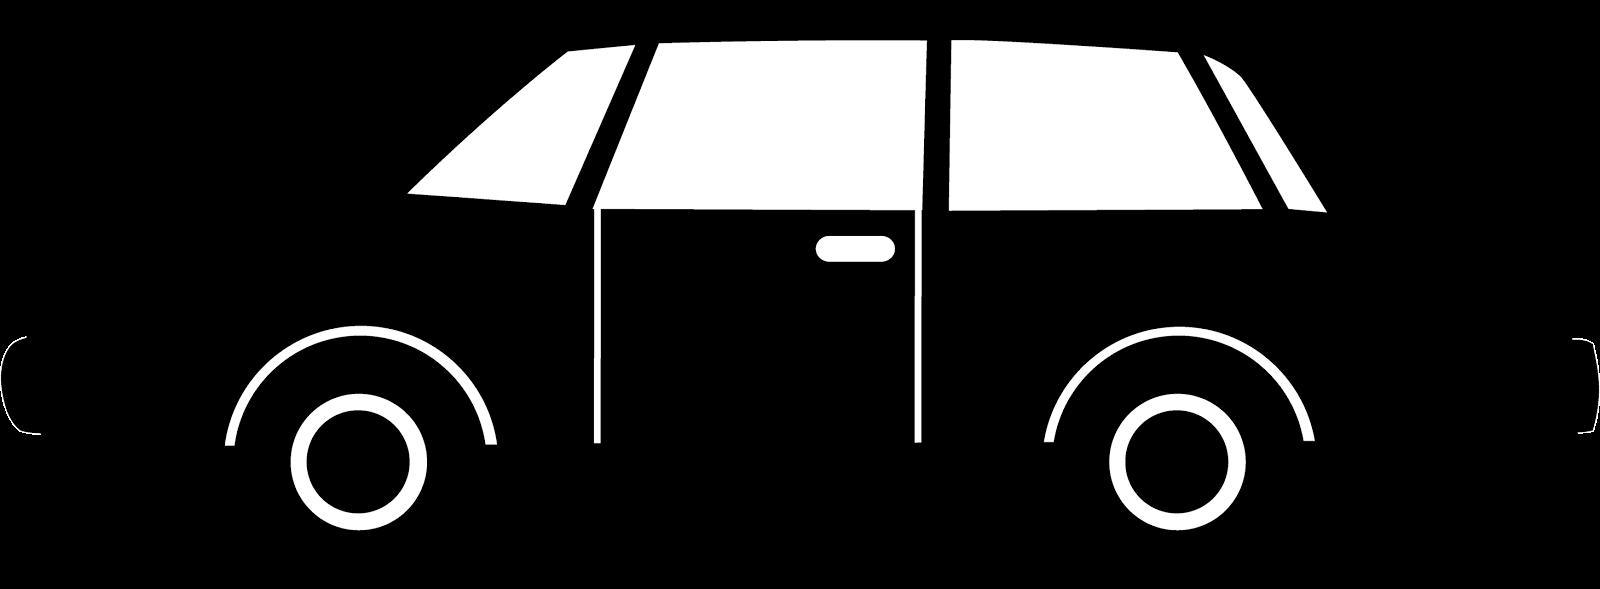 Car Silhouette.